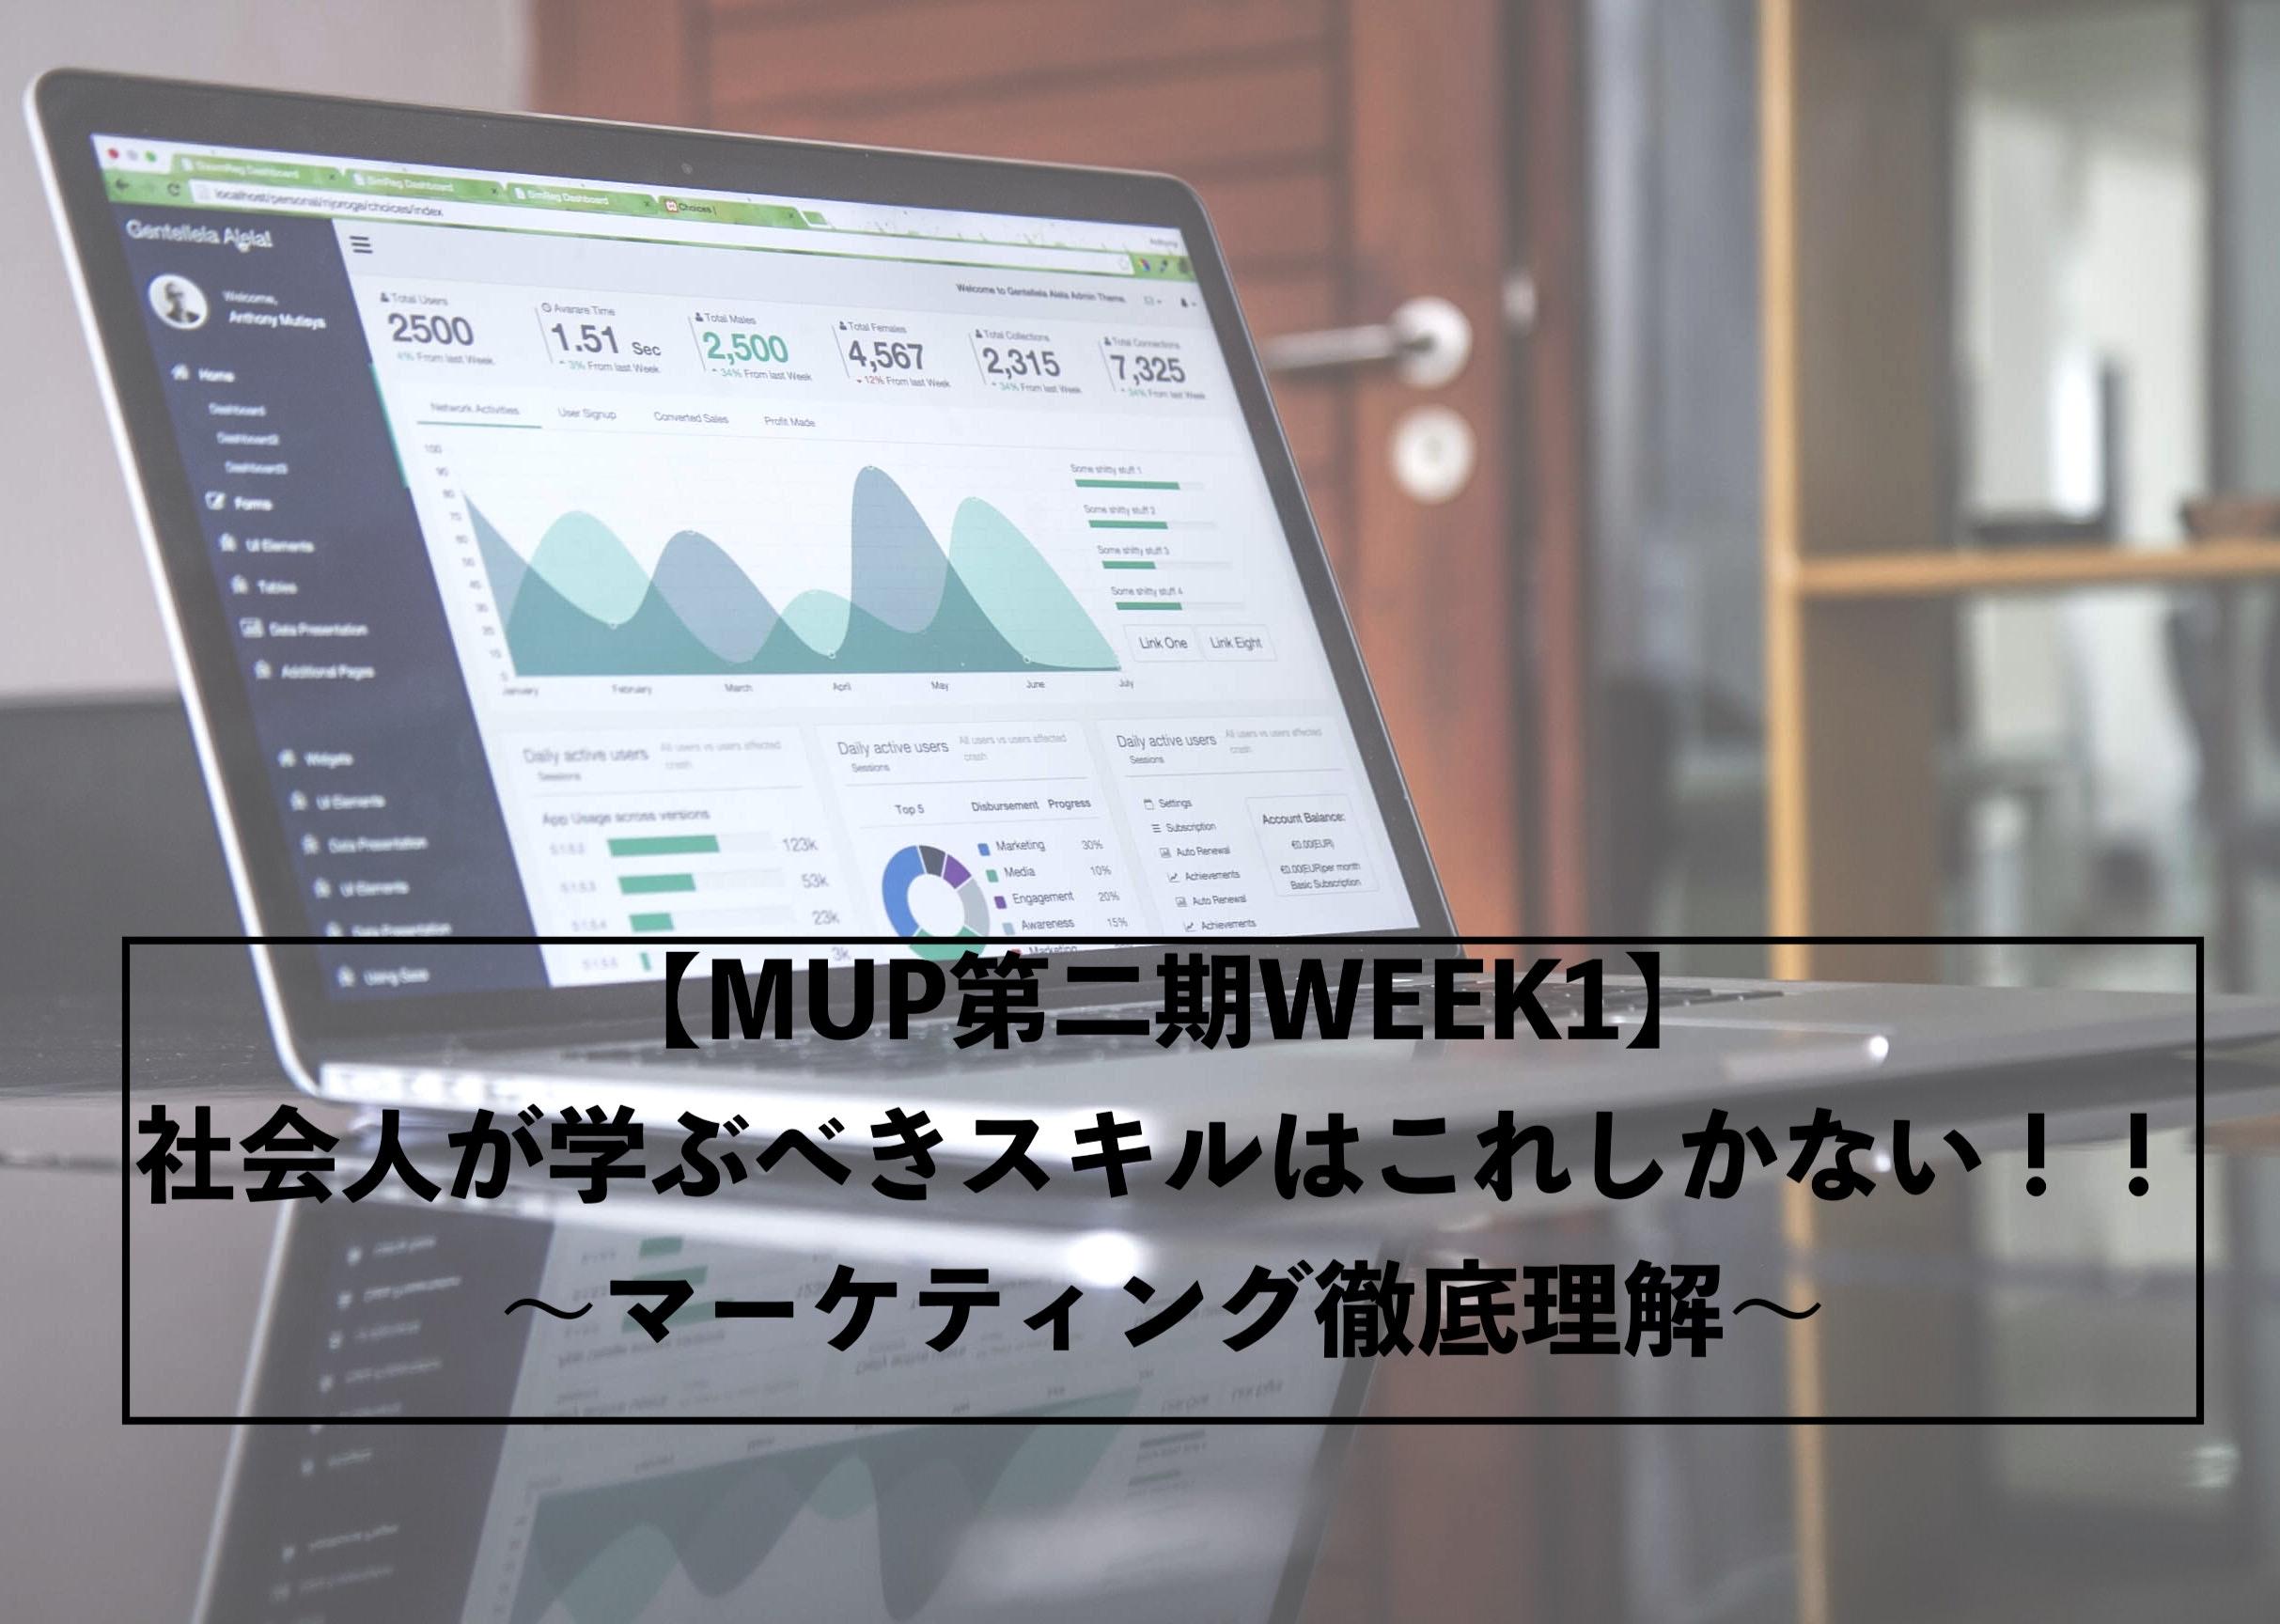 mup-week1